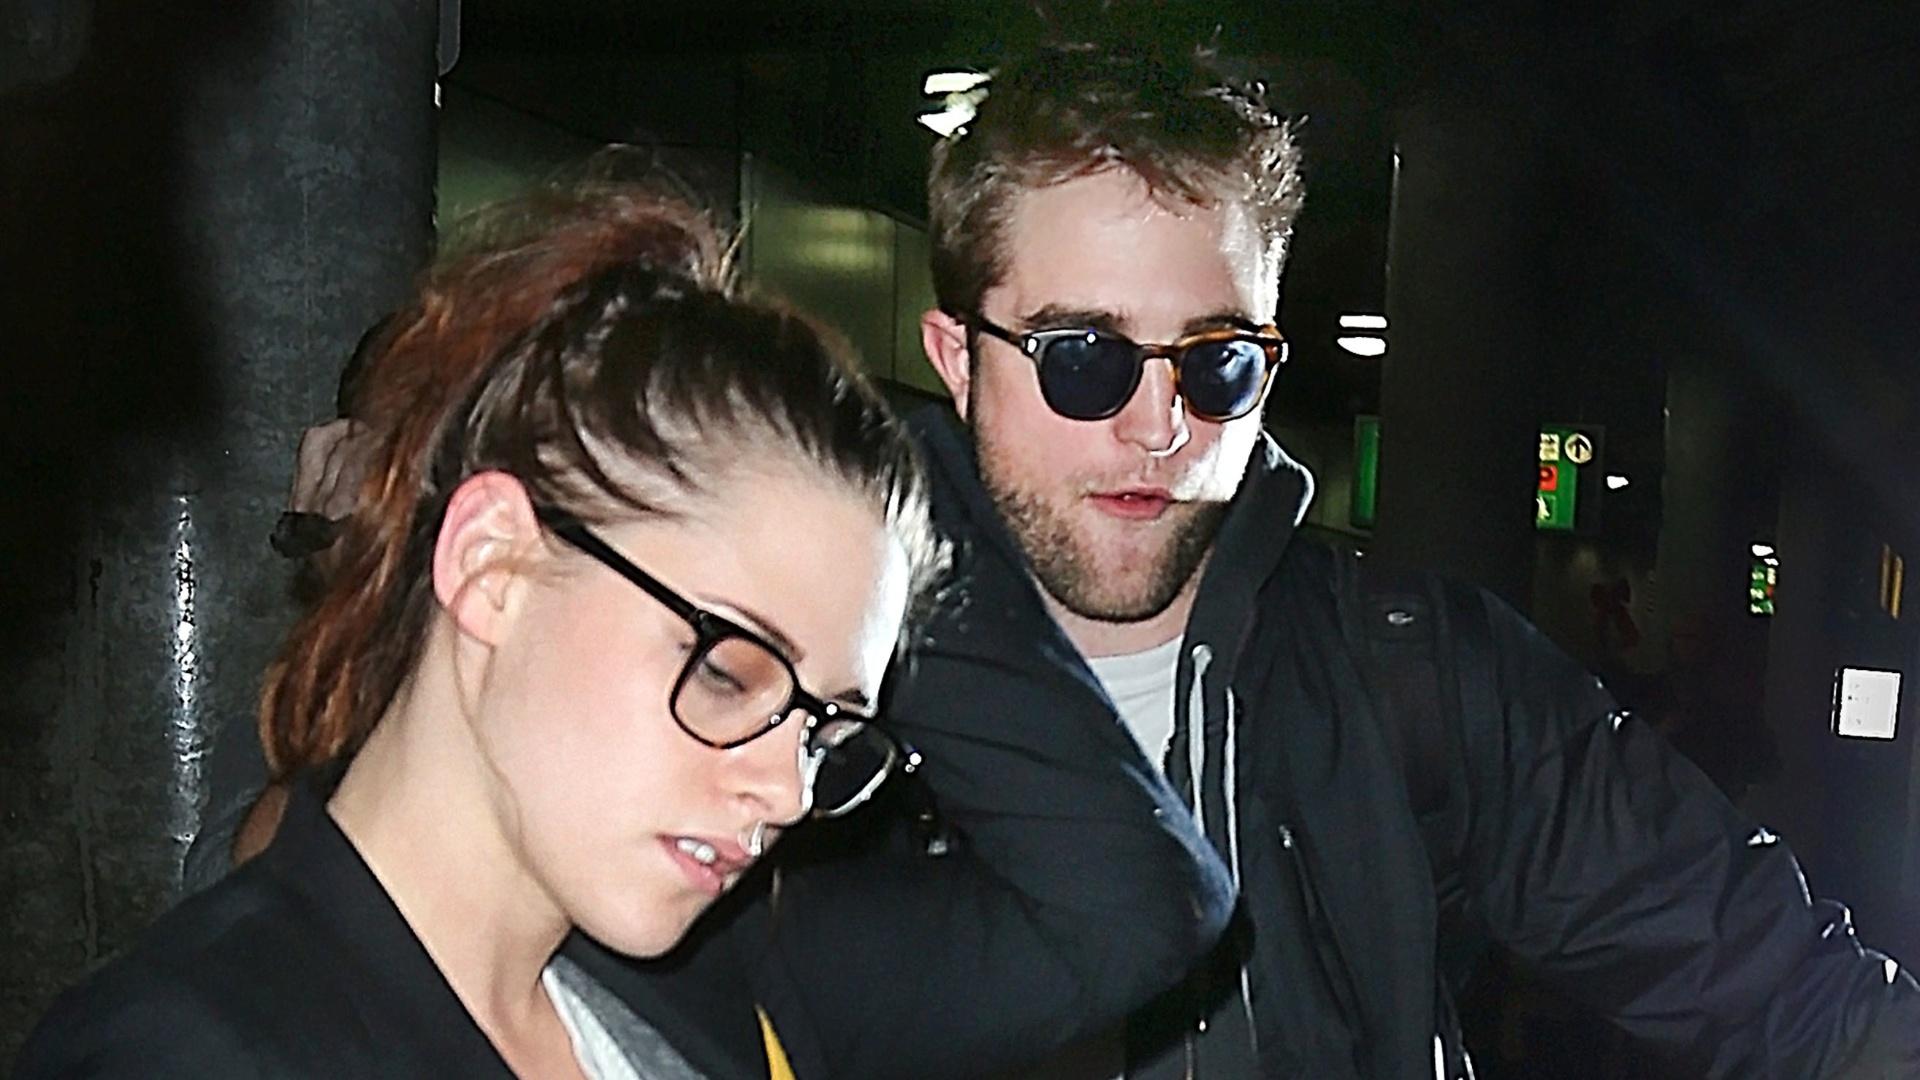 Kristen Stewart e Robert Pattinson desembarcam juntos no aeroporto de Nova York (26/11/12). O casal, que protagonizou os quatro filmes da saga